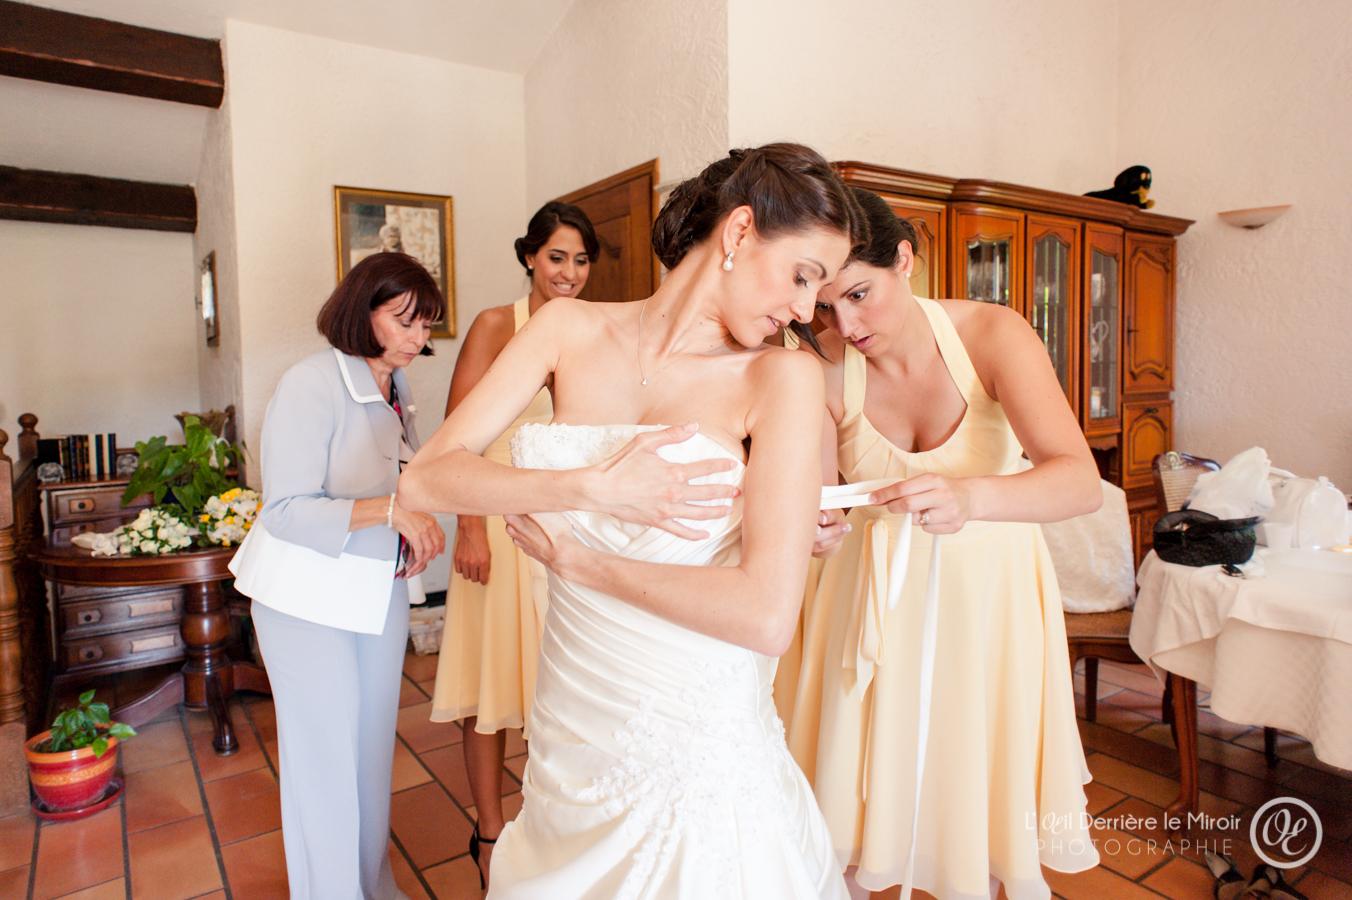 photographe-mariage-villeneuve-loubet-039